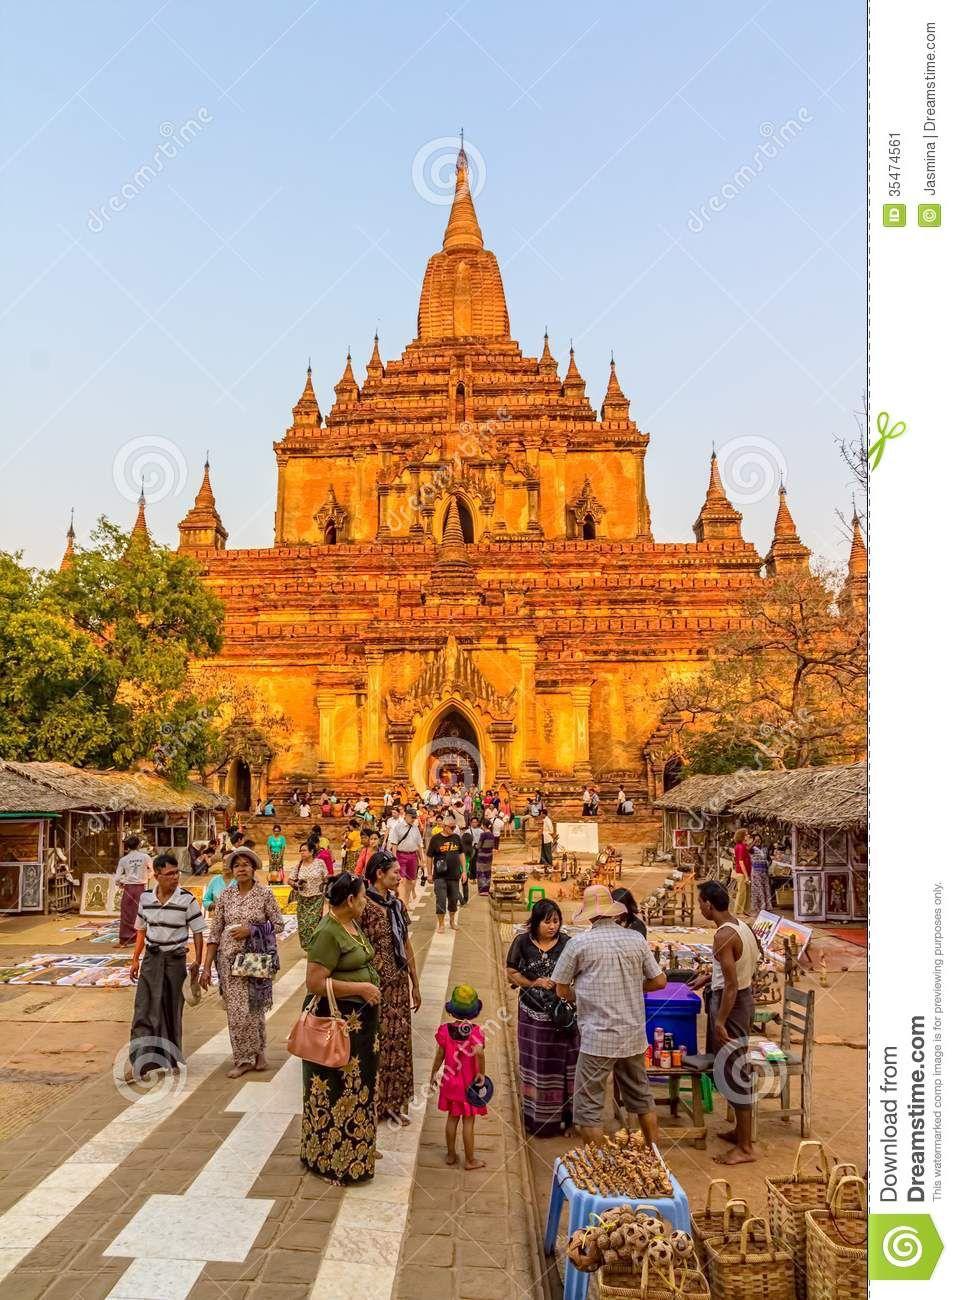 Pin by Prasit🍁🍂☘️Tangjitrapitak 🦖🦕🦏 on Bagan